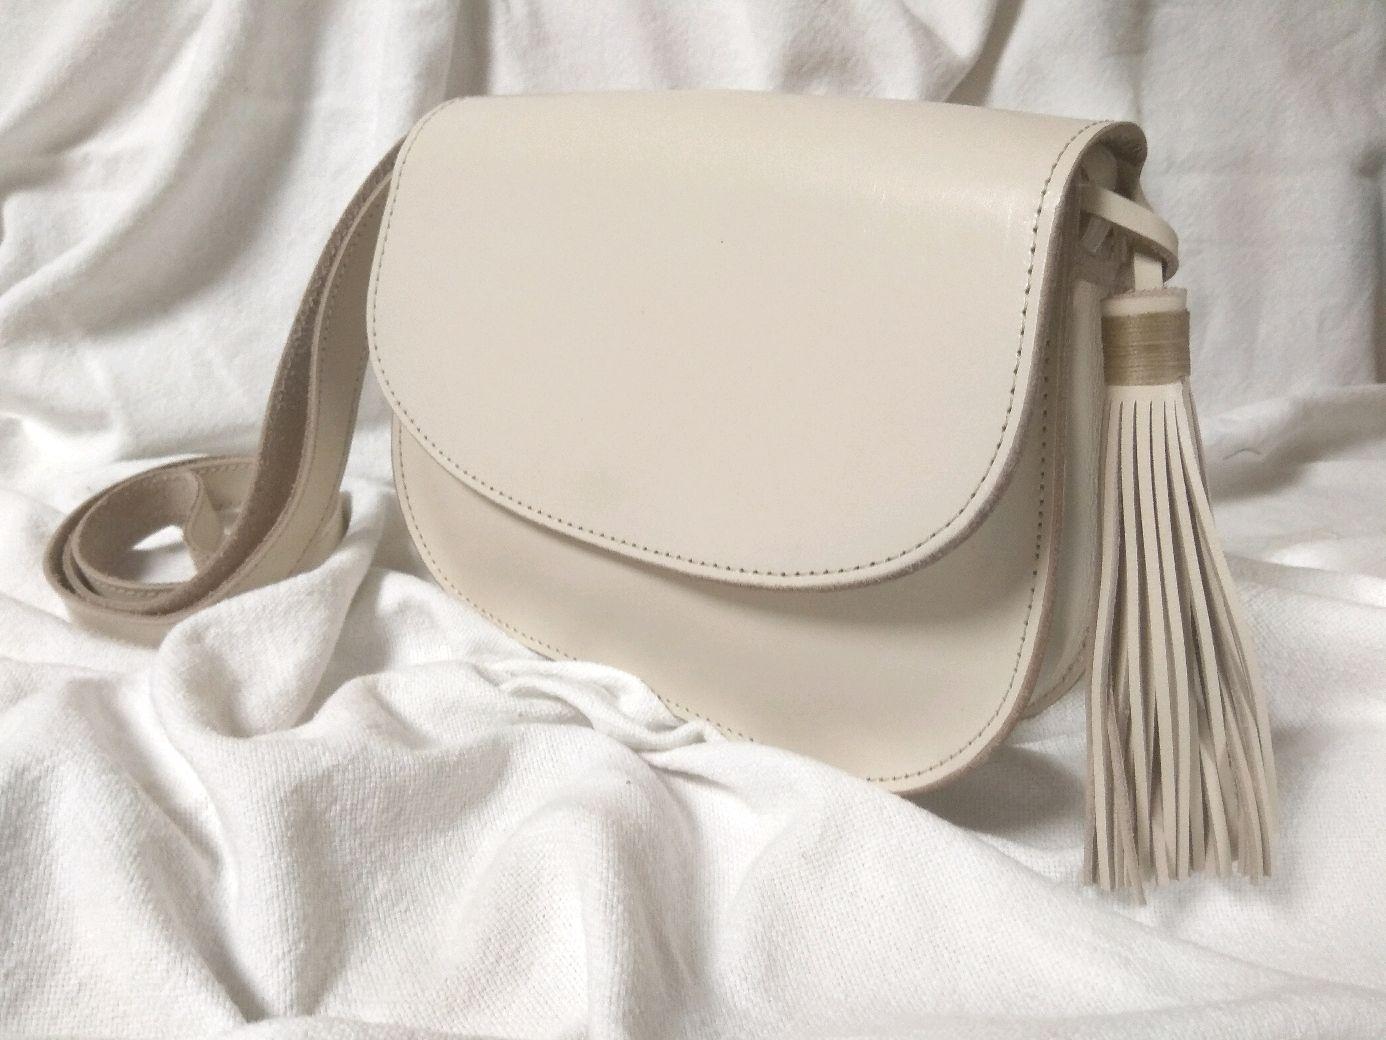 7285465a35af Женские сумки ручной работы. Ярмарка Мастеров - ручная работа. Купить Сумка  женская бежевая.